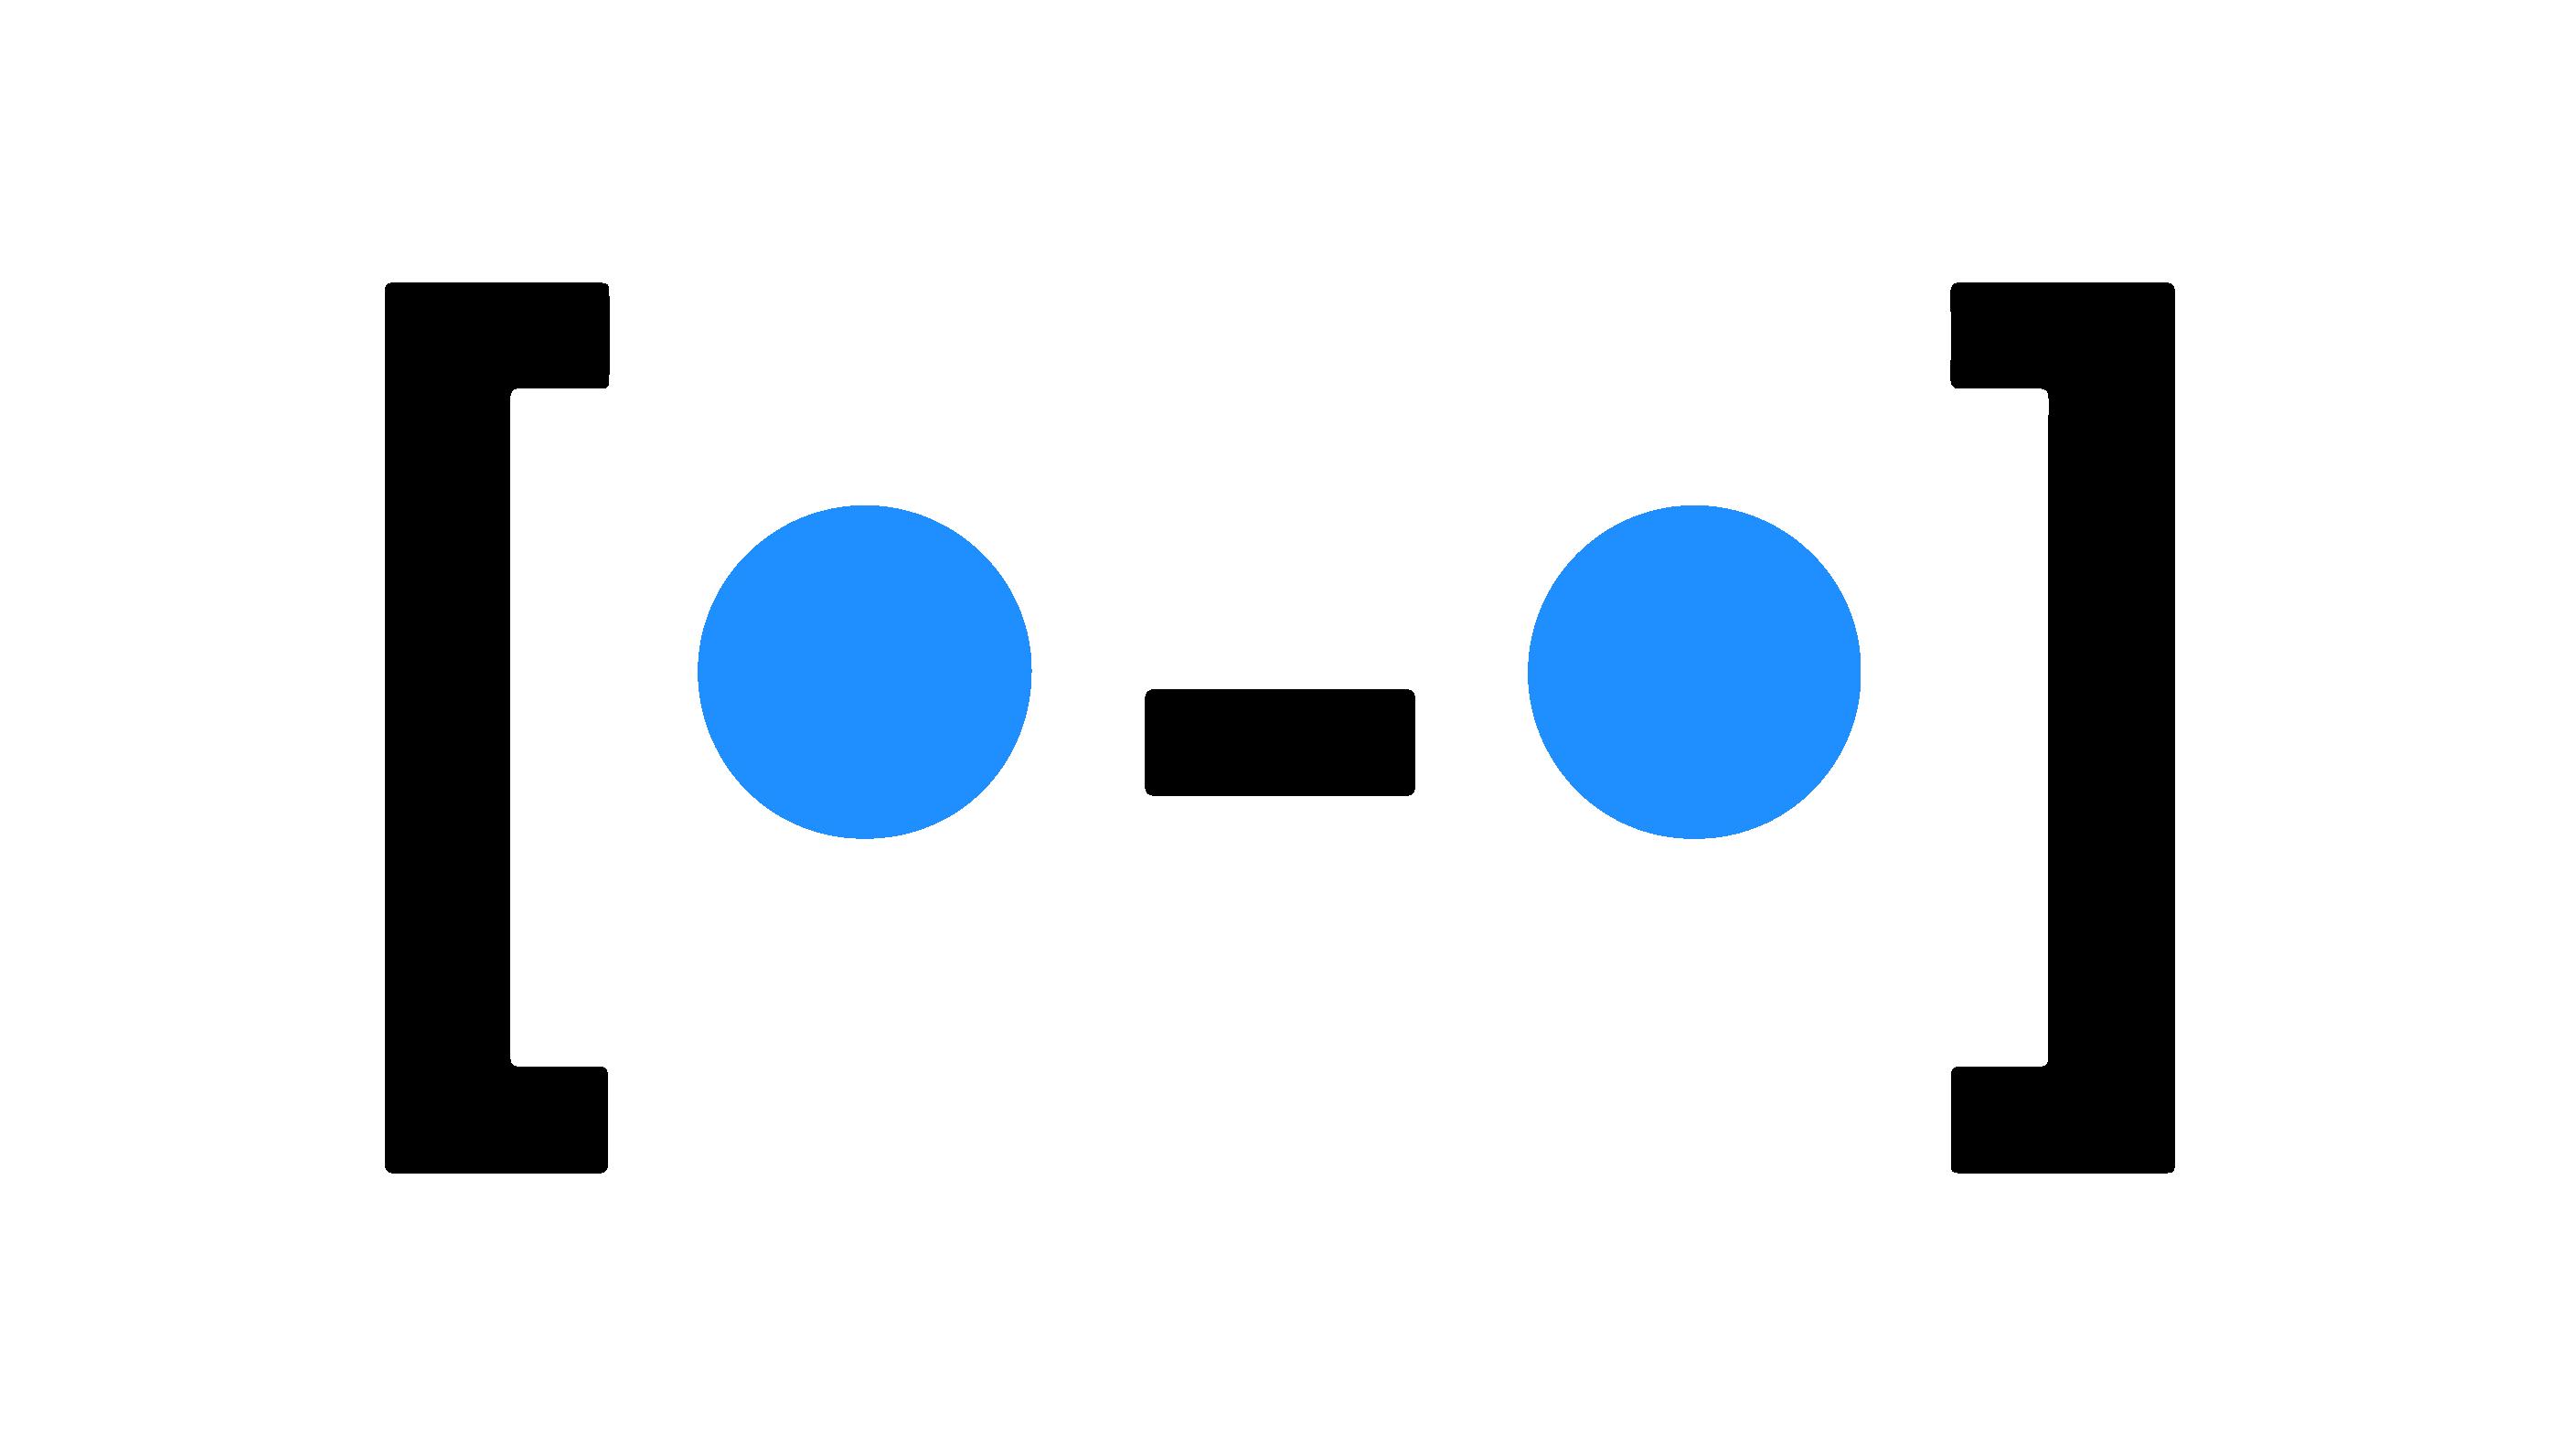 终端侧 AI 集成运行时环境 didi AoE